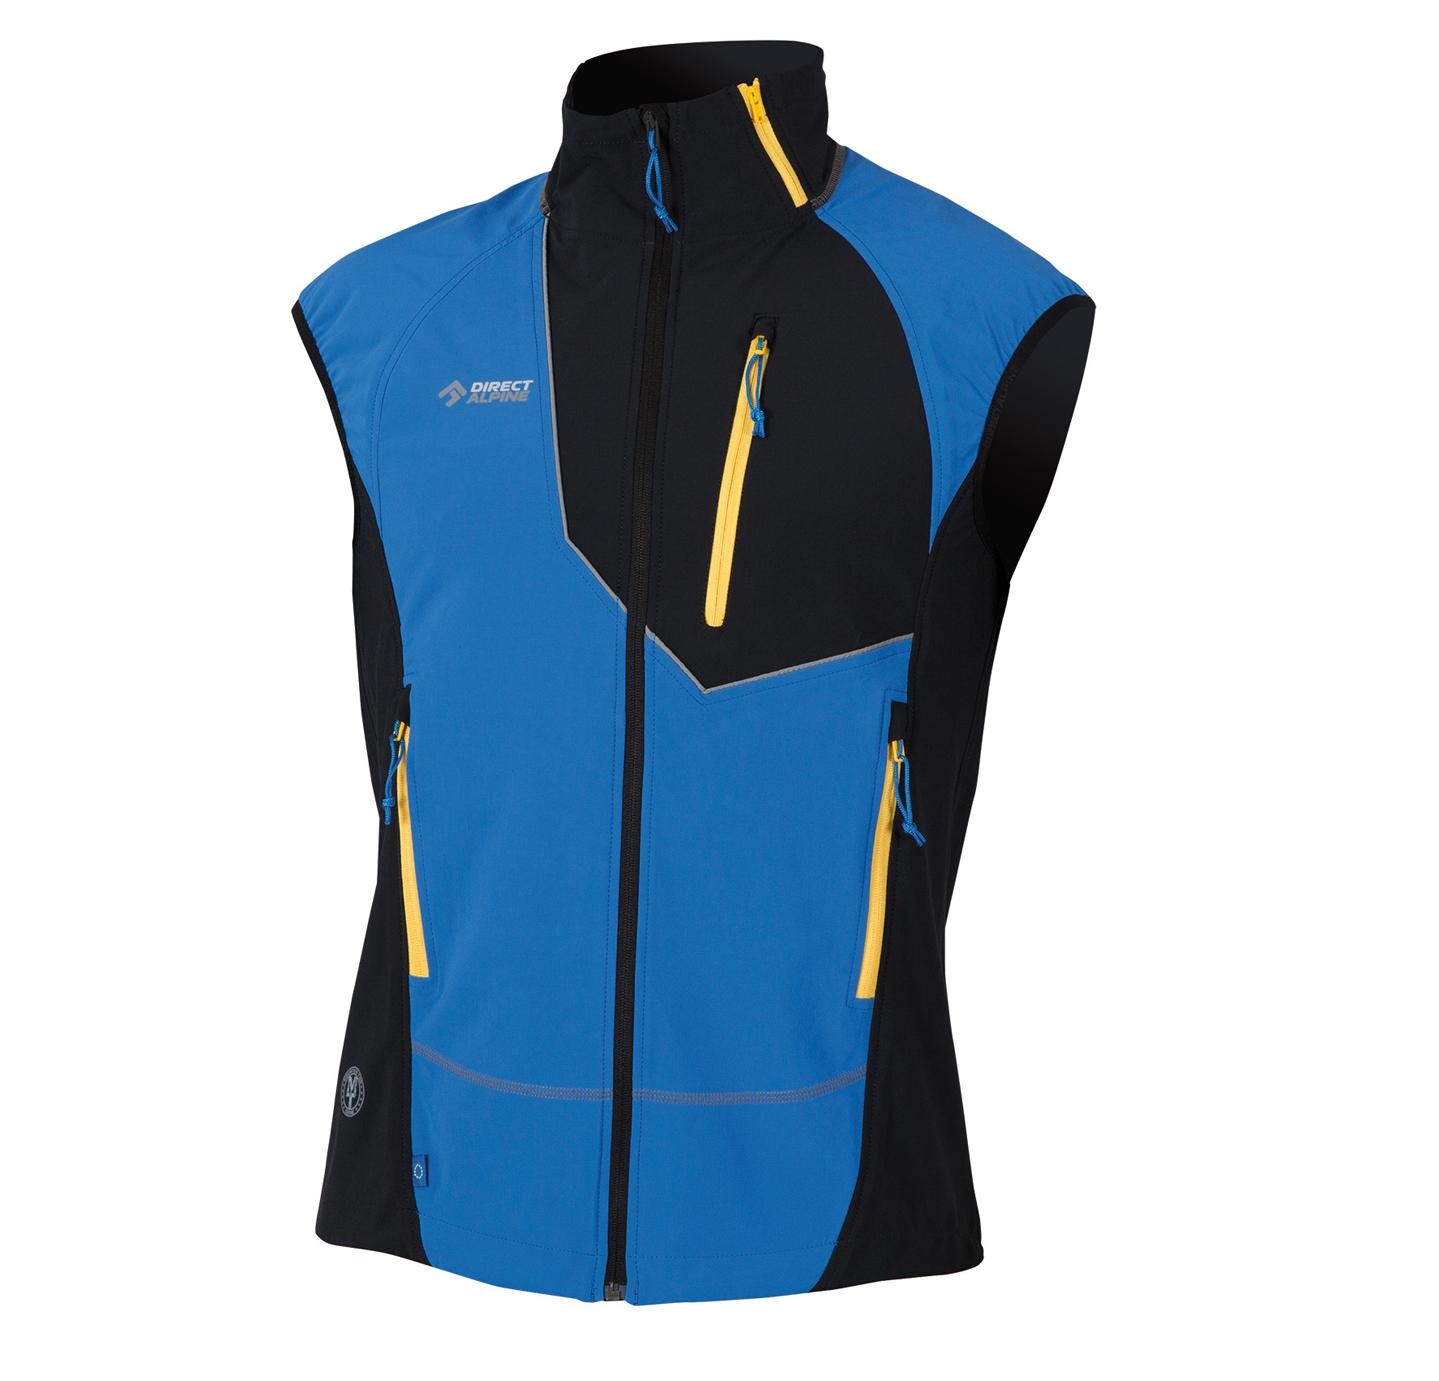 Vysoce univerzální sportovní vesta pro aktivní pohyb při trekingu a196fc8521b